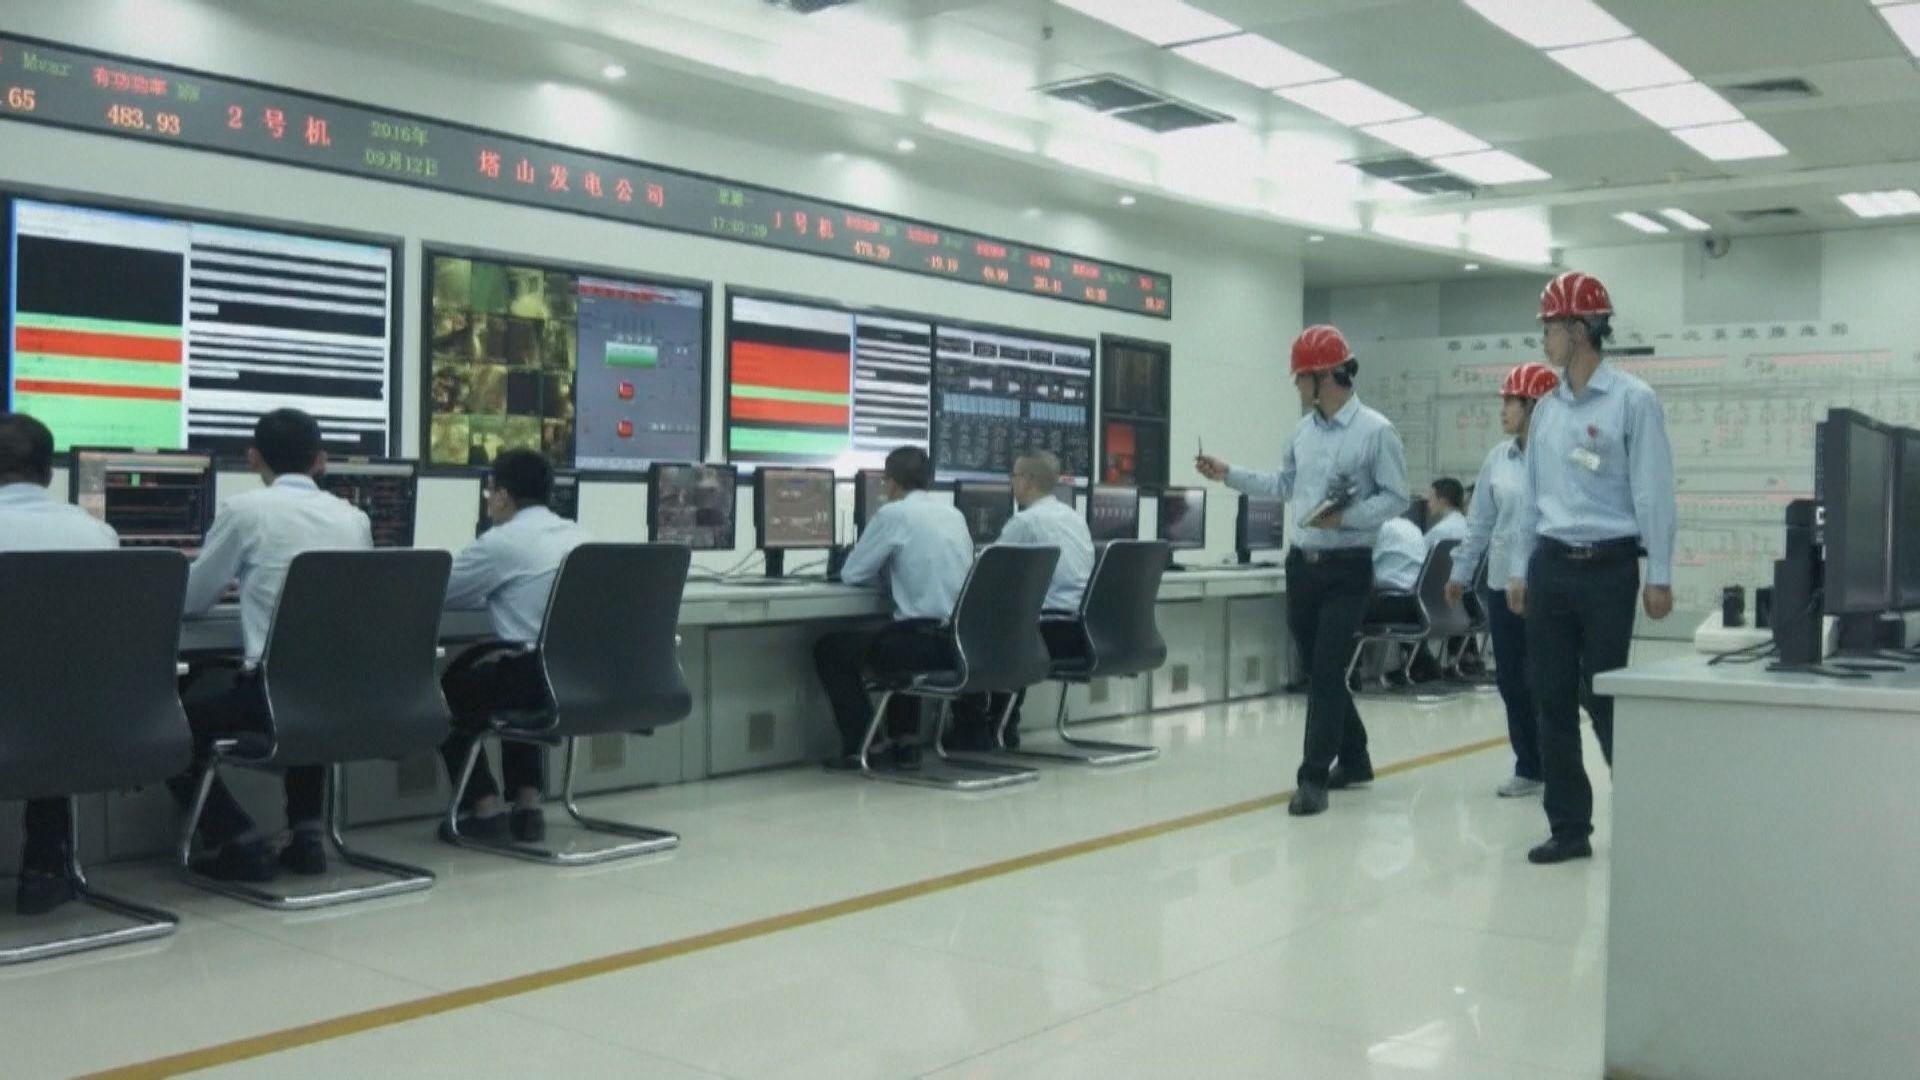 義烏及長沙等地供電緊張 當局指因工業生產恢復及各地低溫致用電量大